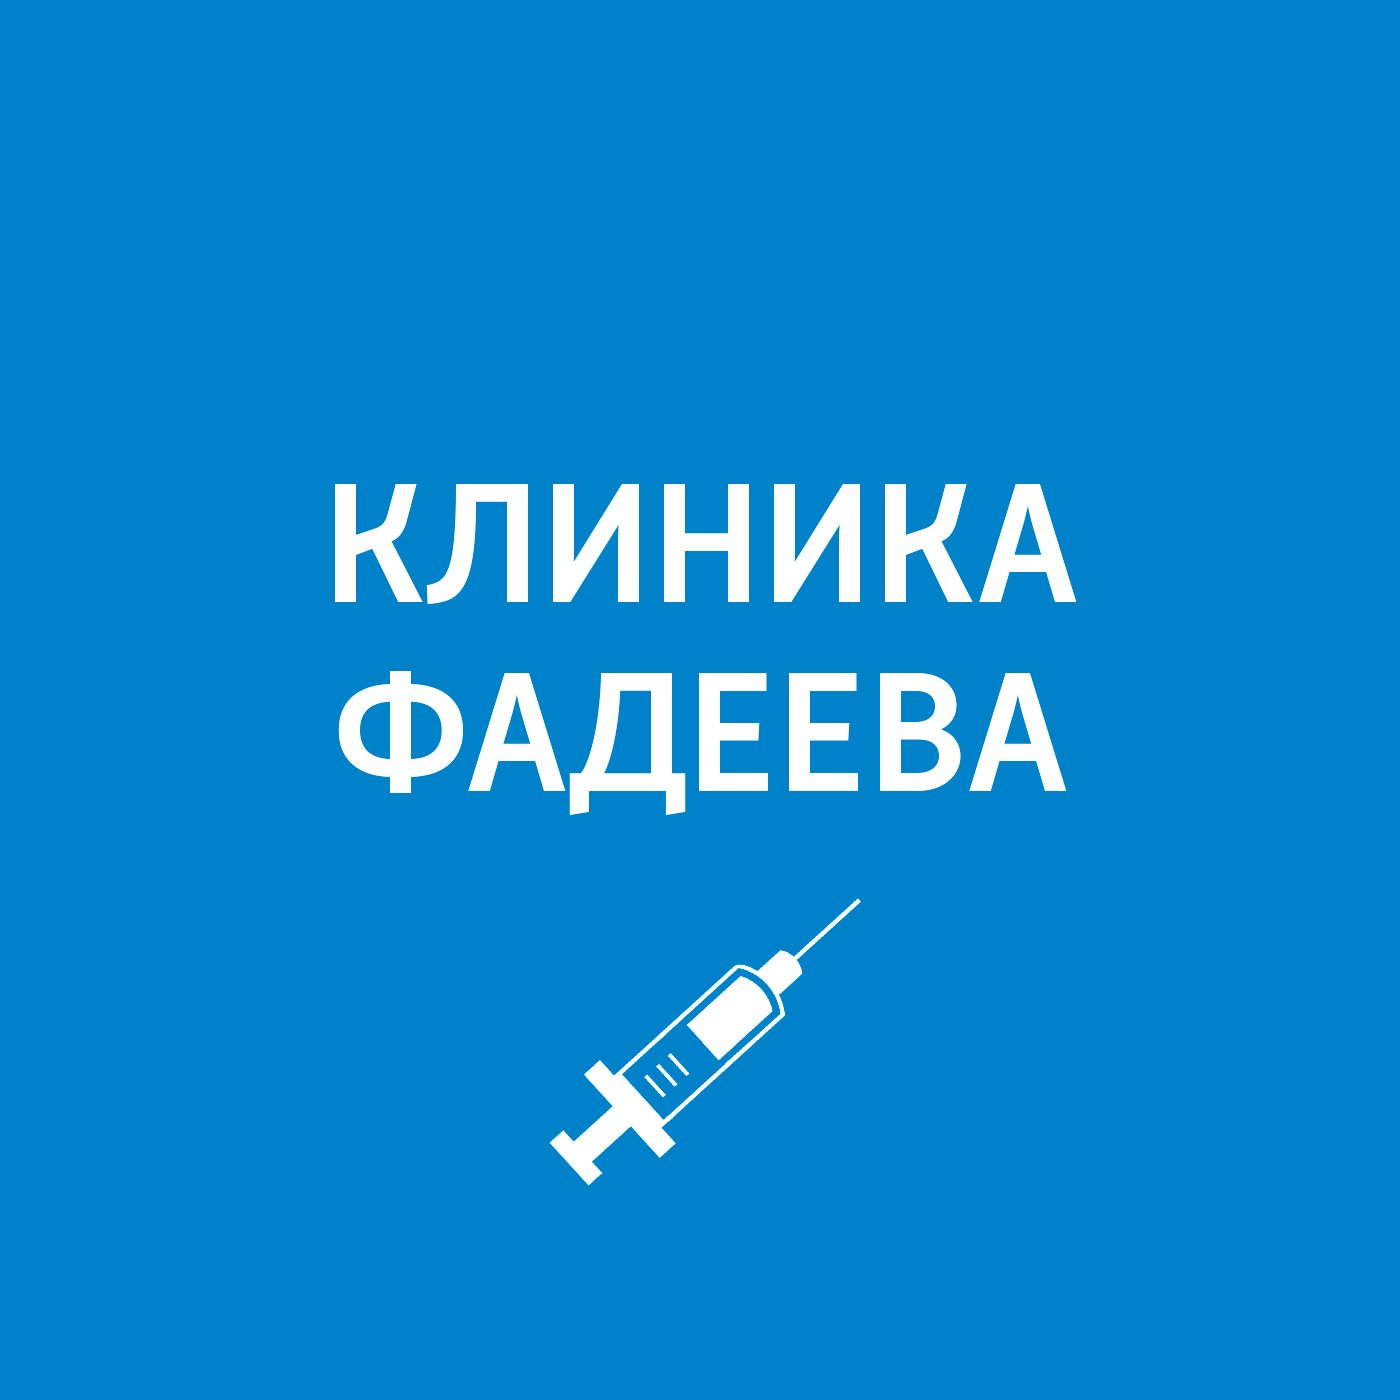 Пётр Фадеев Болезни сердца цены